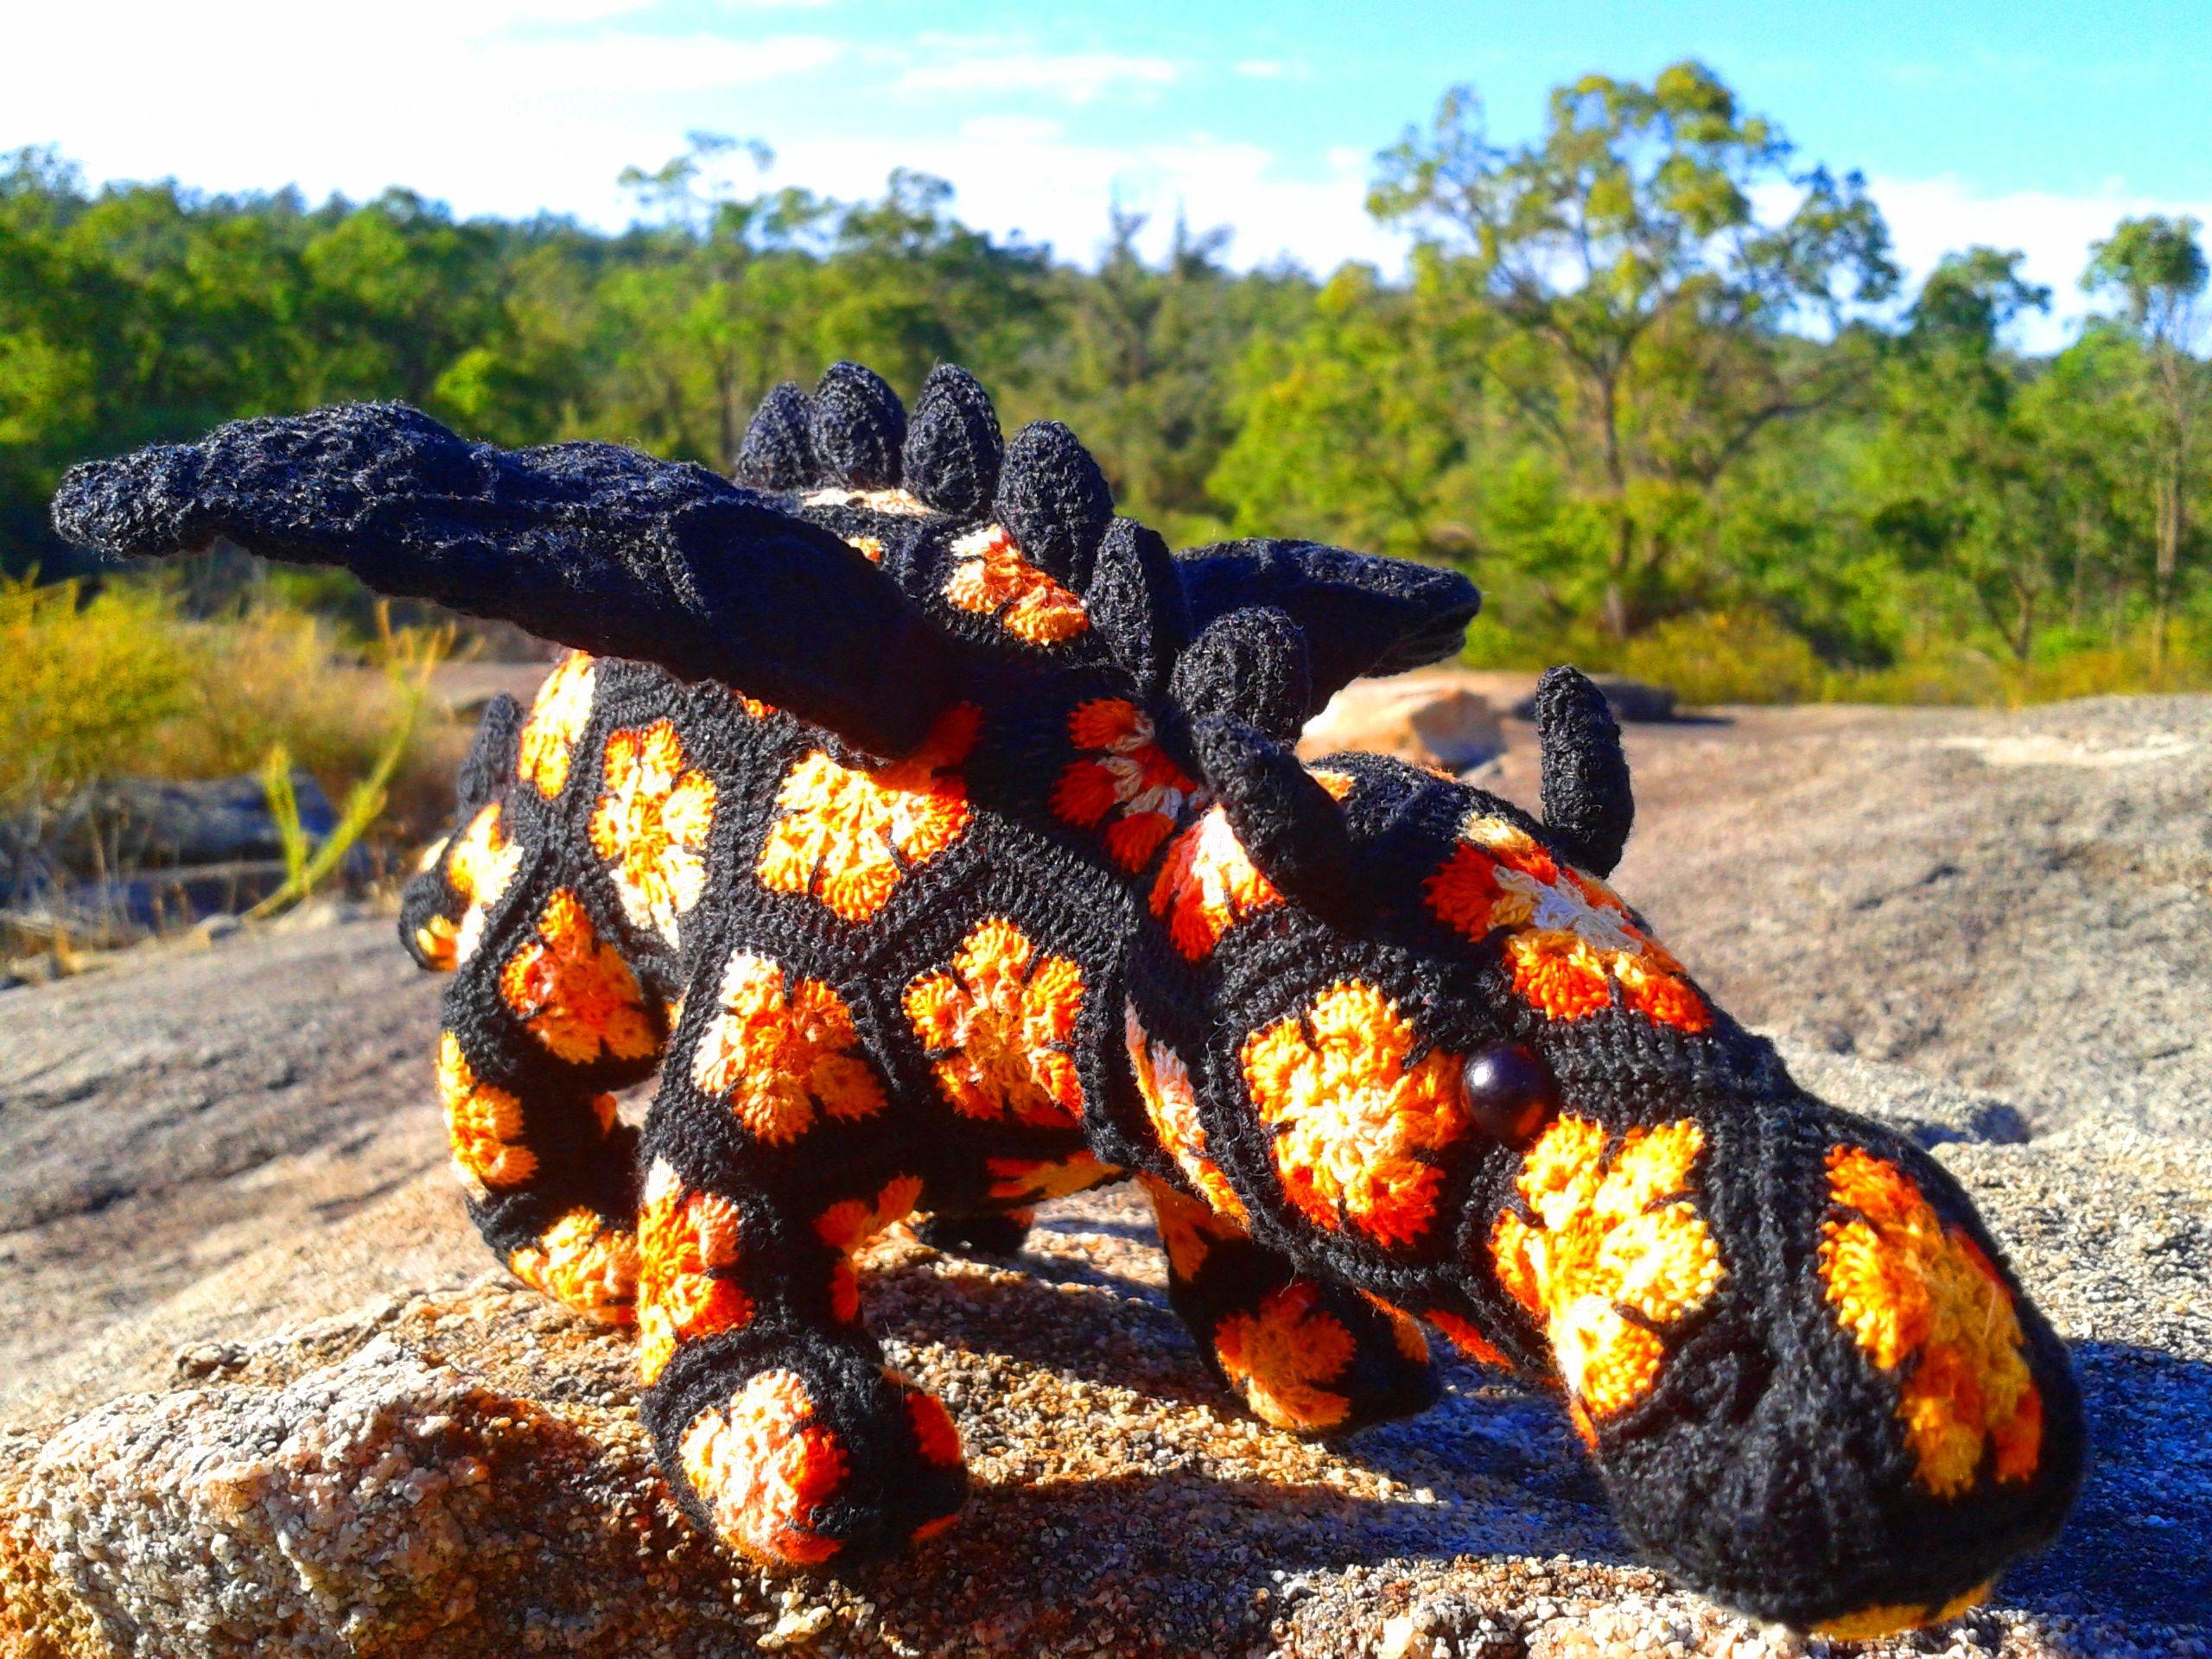 Pin von Linda Davie auf My \'Heidi Bears\' Crochet Adventures! | Pinterest